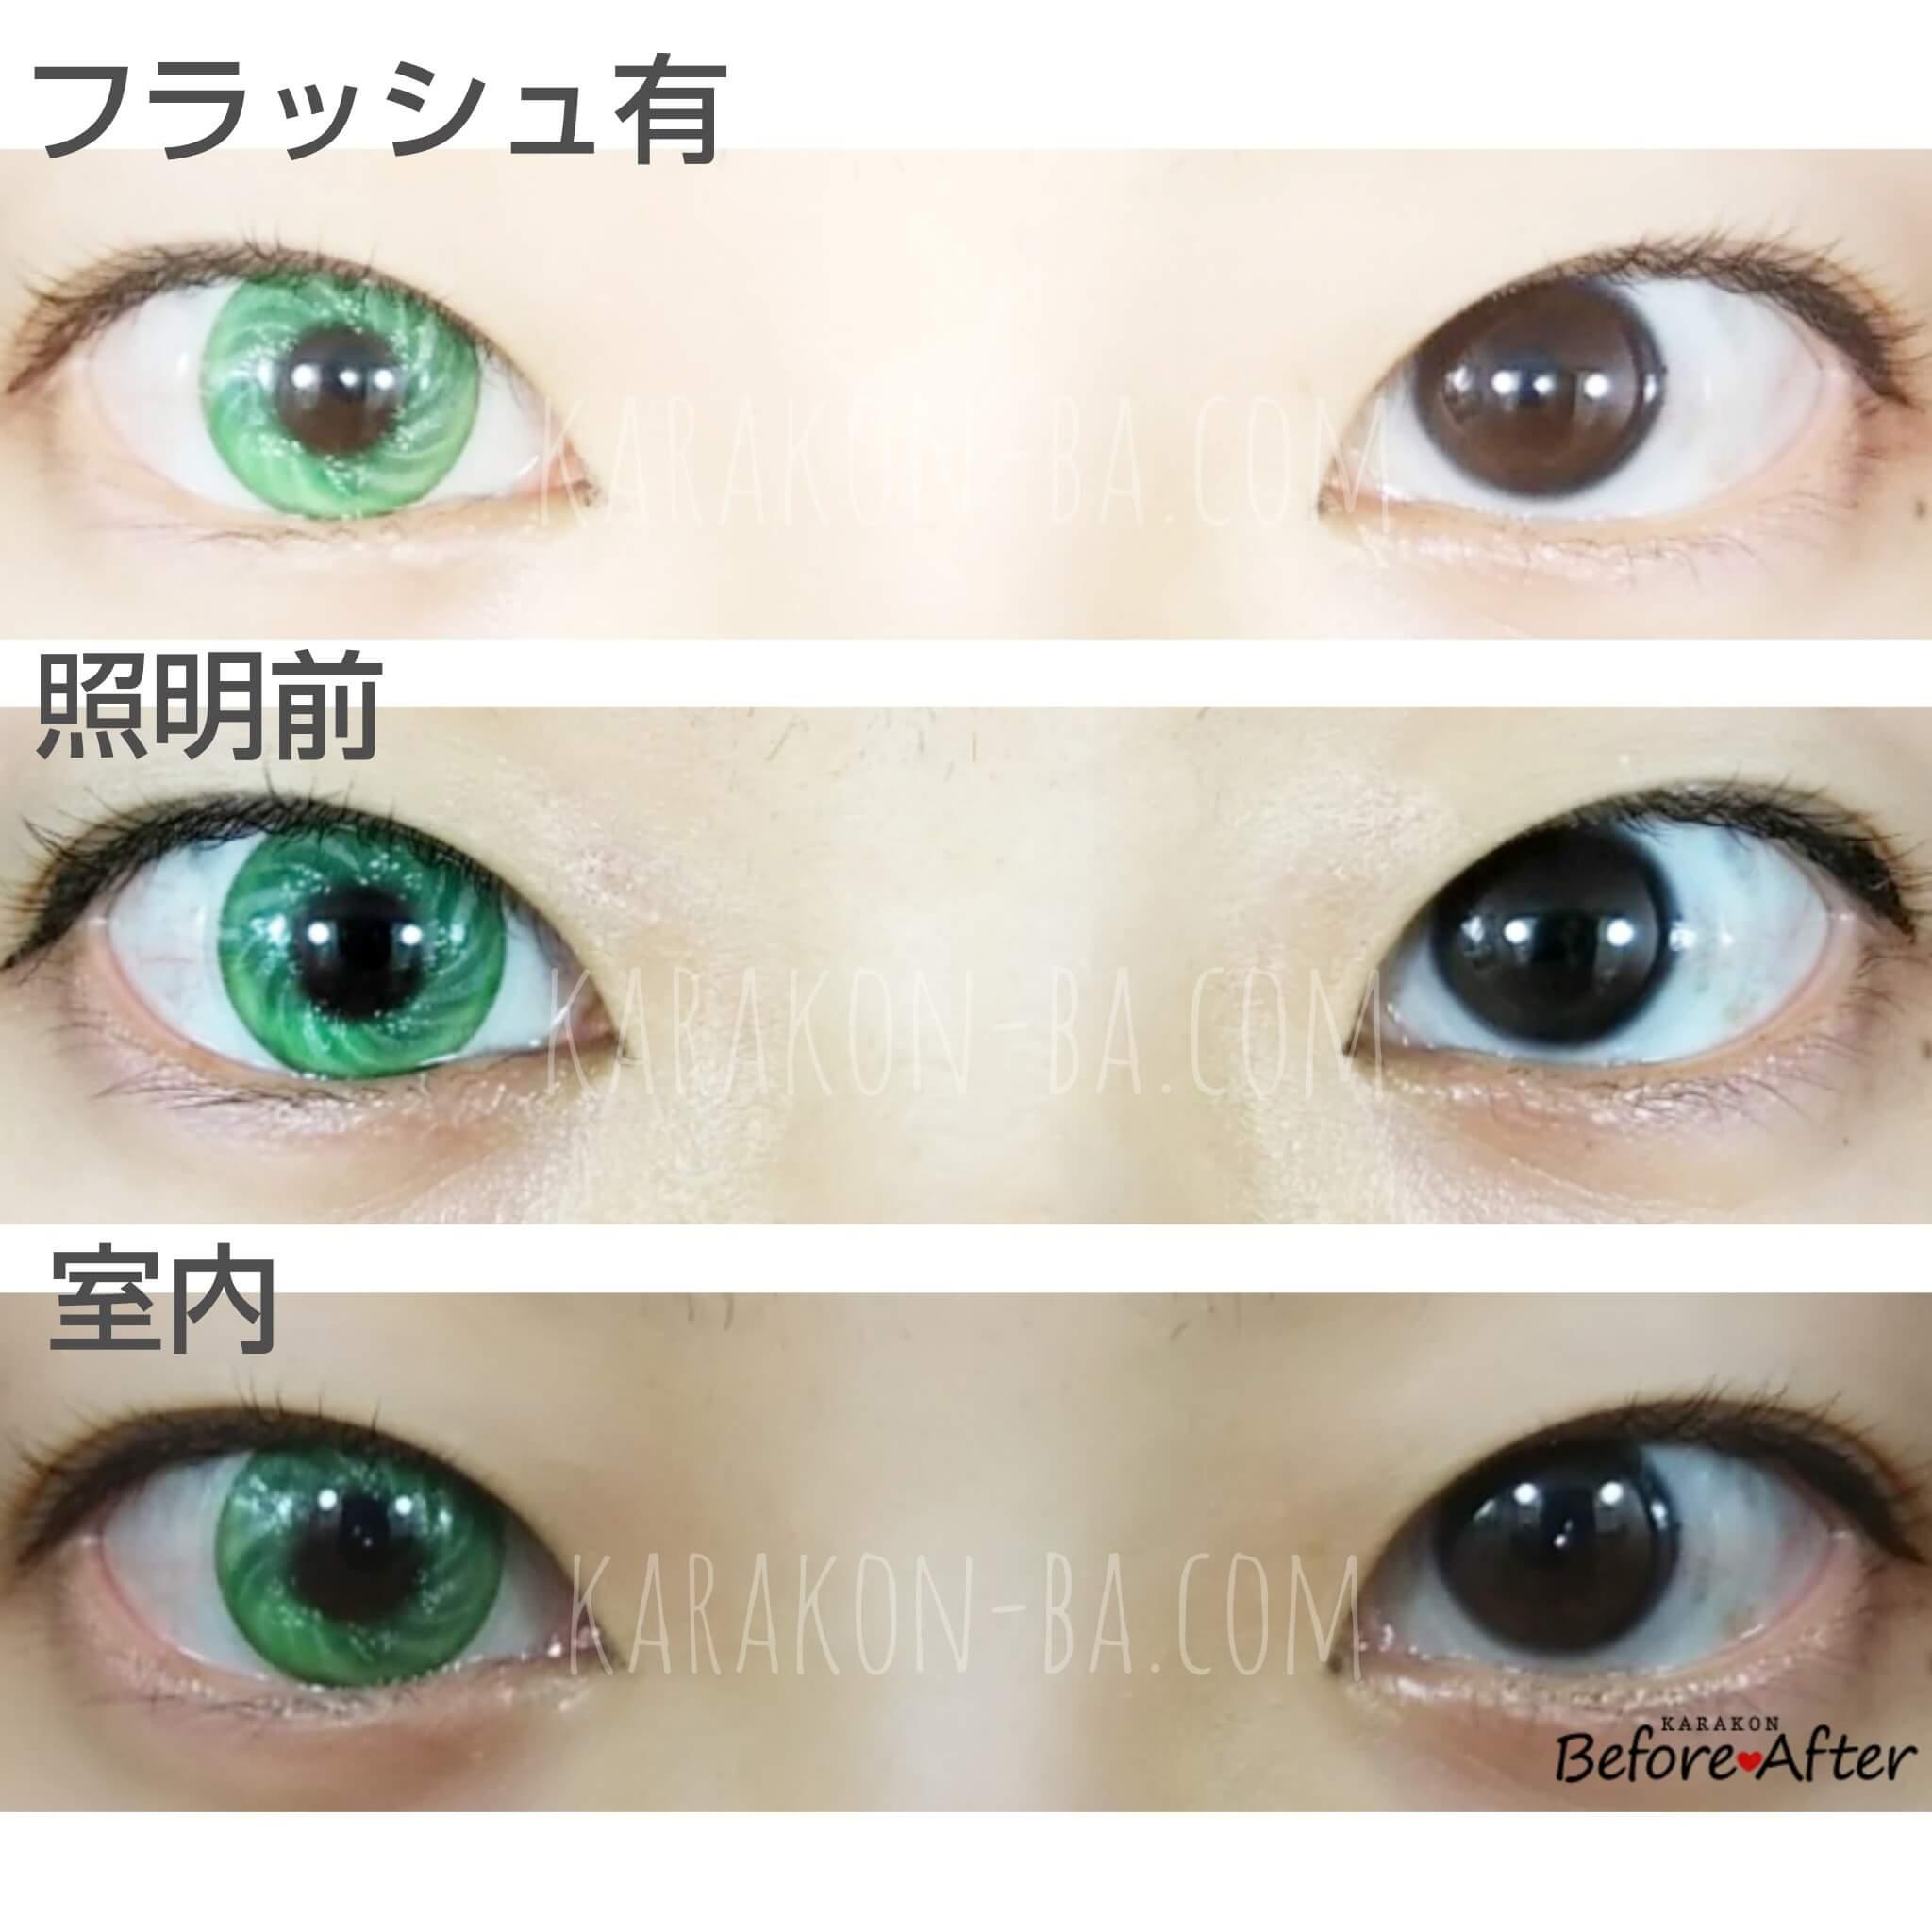 プリズムグリーンのカラコン装着画像/裸眼と比較